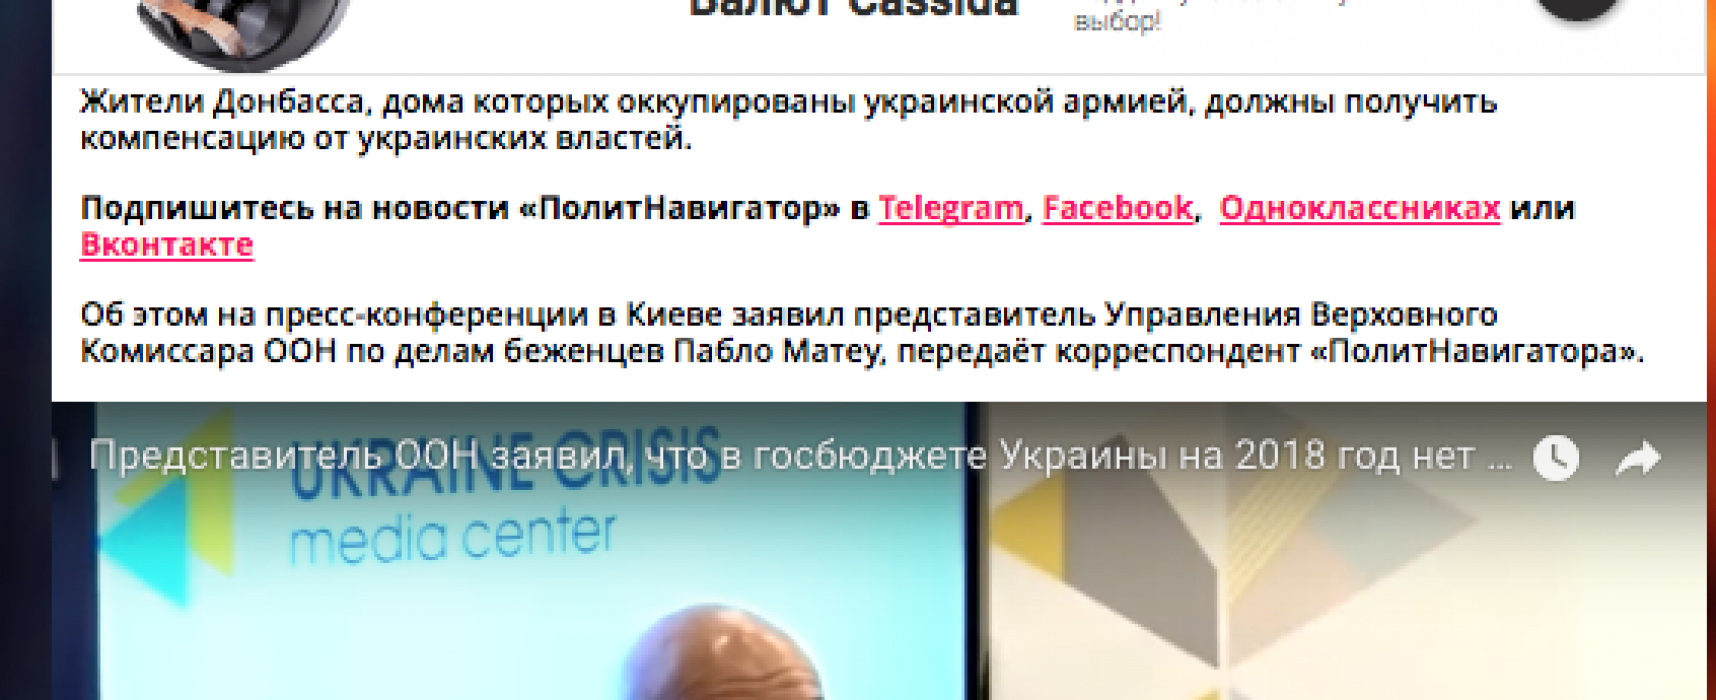 """Fake: All'ONU hanno dichiarato che non vogliono investire nelle """"fauci del governo ucraino"""""""